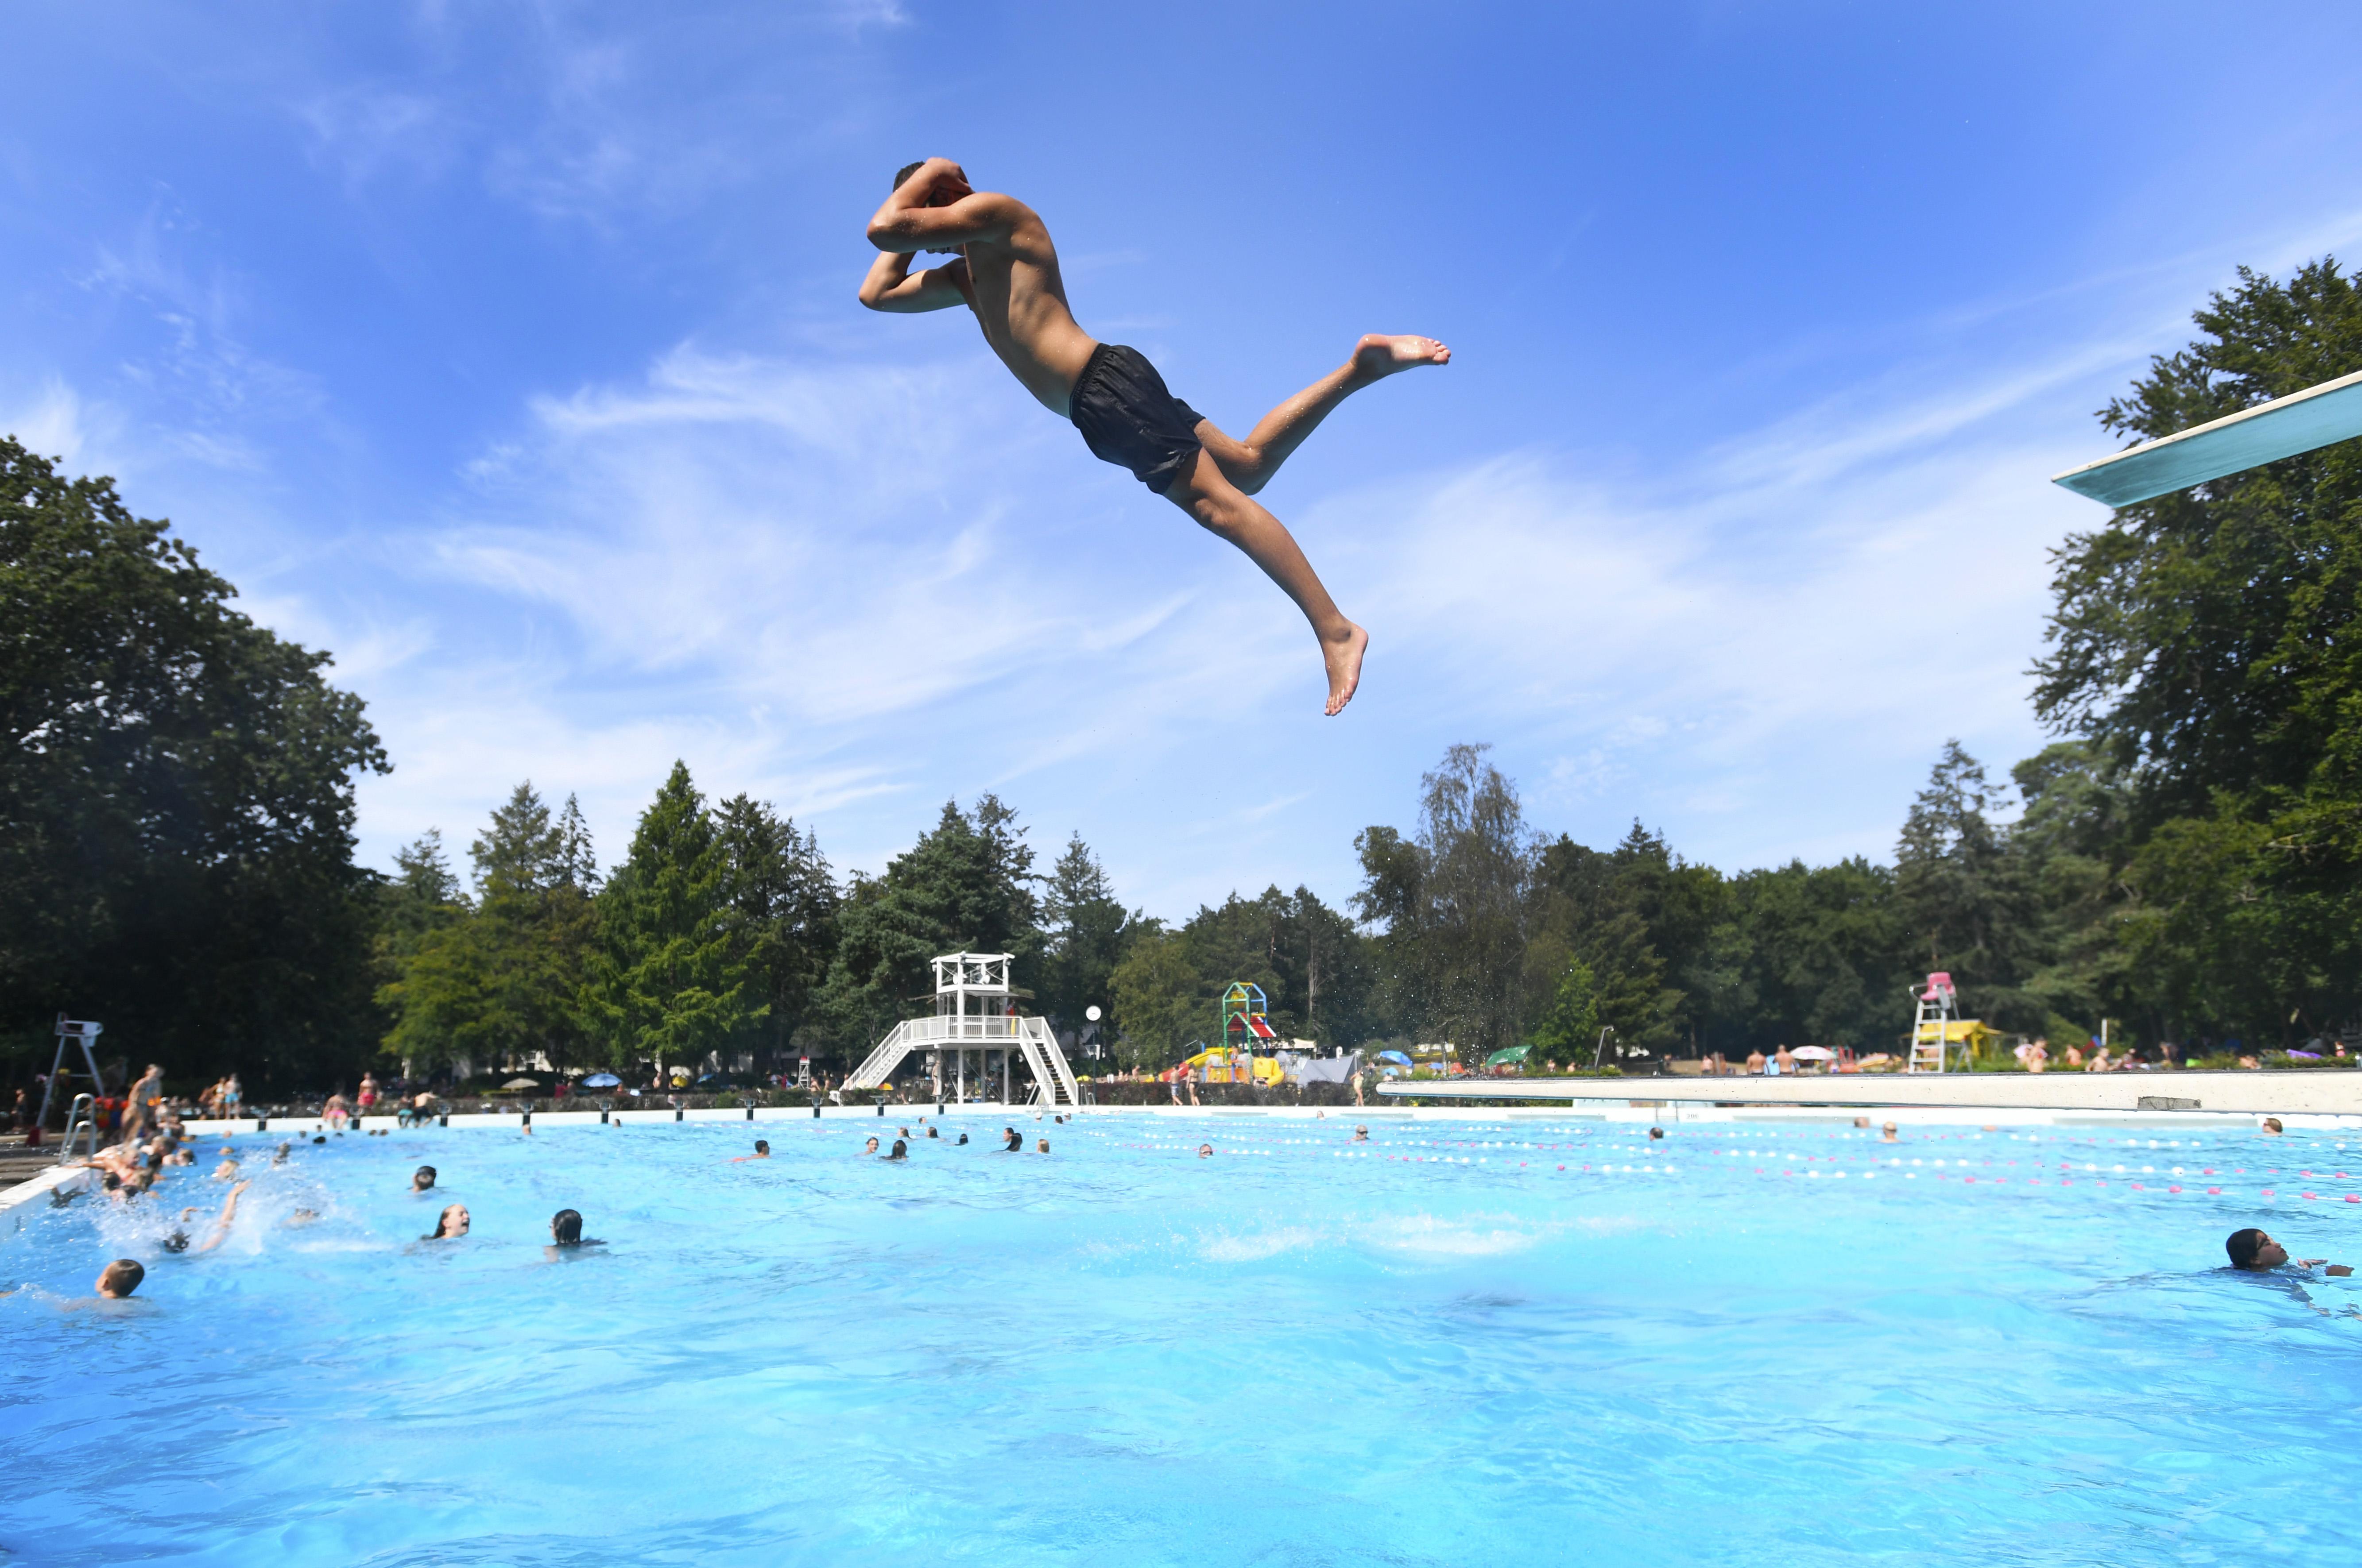 Een foto van een man die van de duikplank in een zwembad springt.